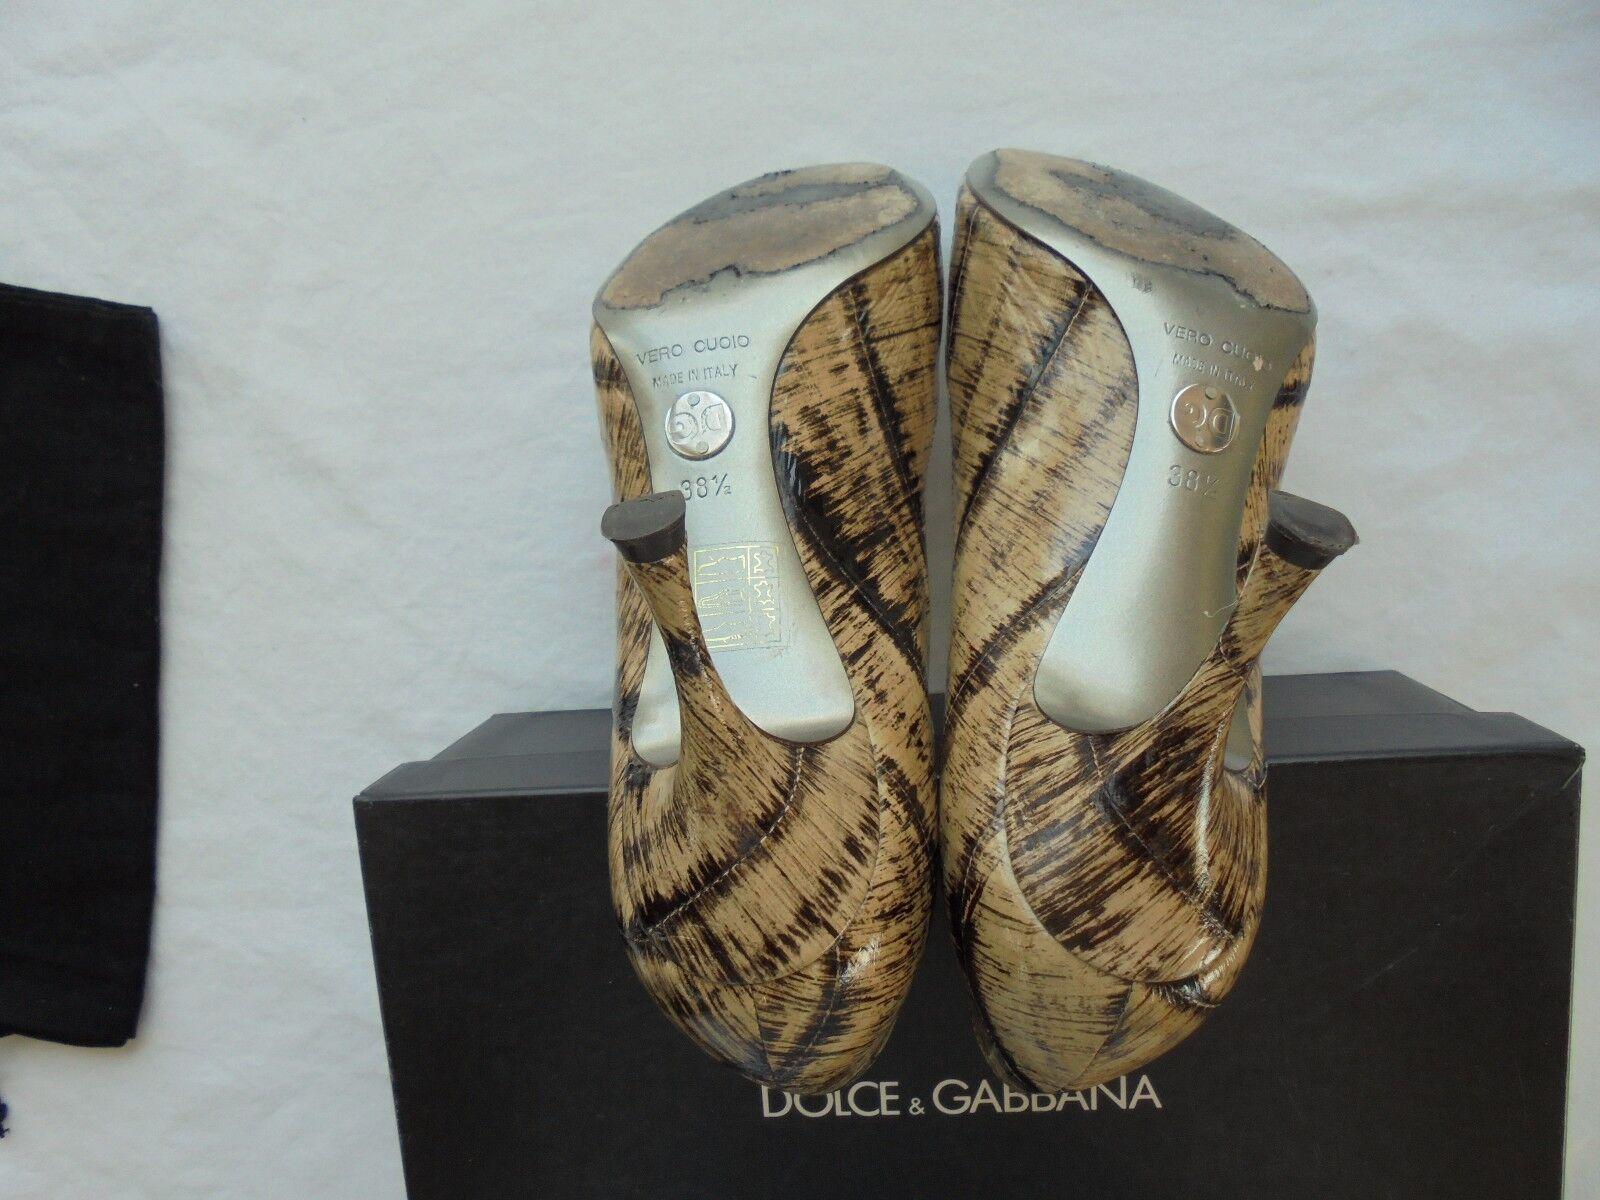 Dolce&Gabbana Lackleder Pumps NP  Heel wNEU D&G Schuhe High Heel  Pumps 38 38,5 39 539d28